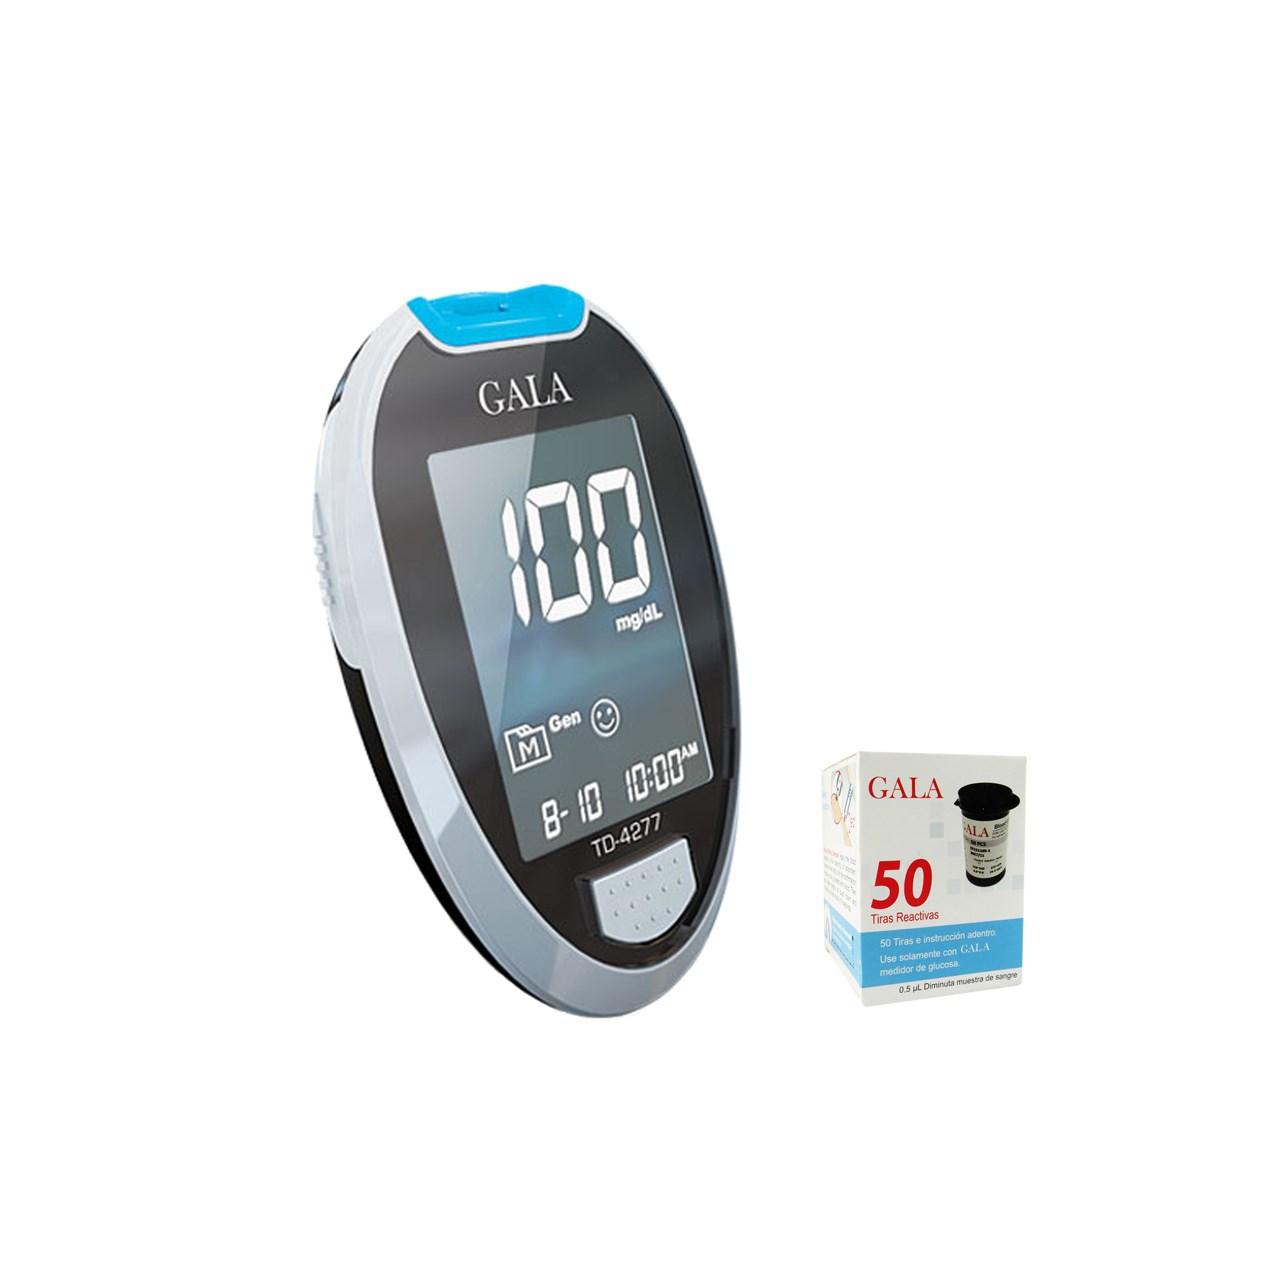 دستگاه  تست قند خون  گالا   GALA  - همراه با 50 عدد نوار و سوزن | GALA TD-4277  Blood Suger Monitor